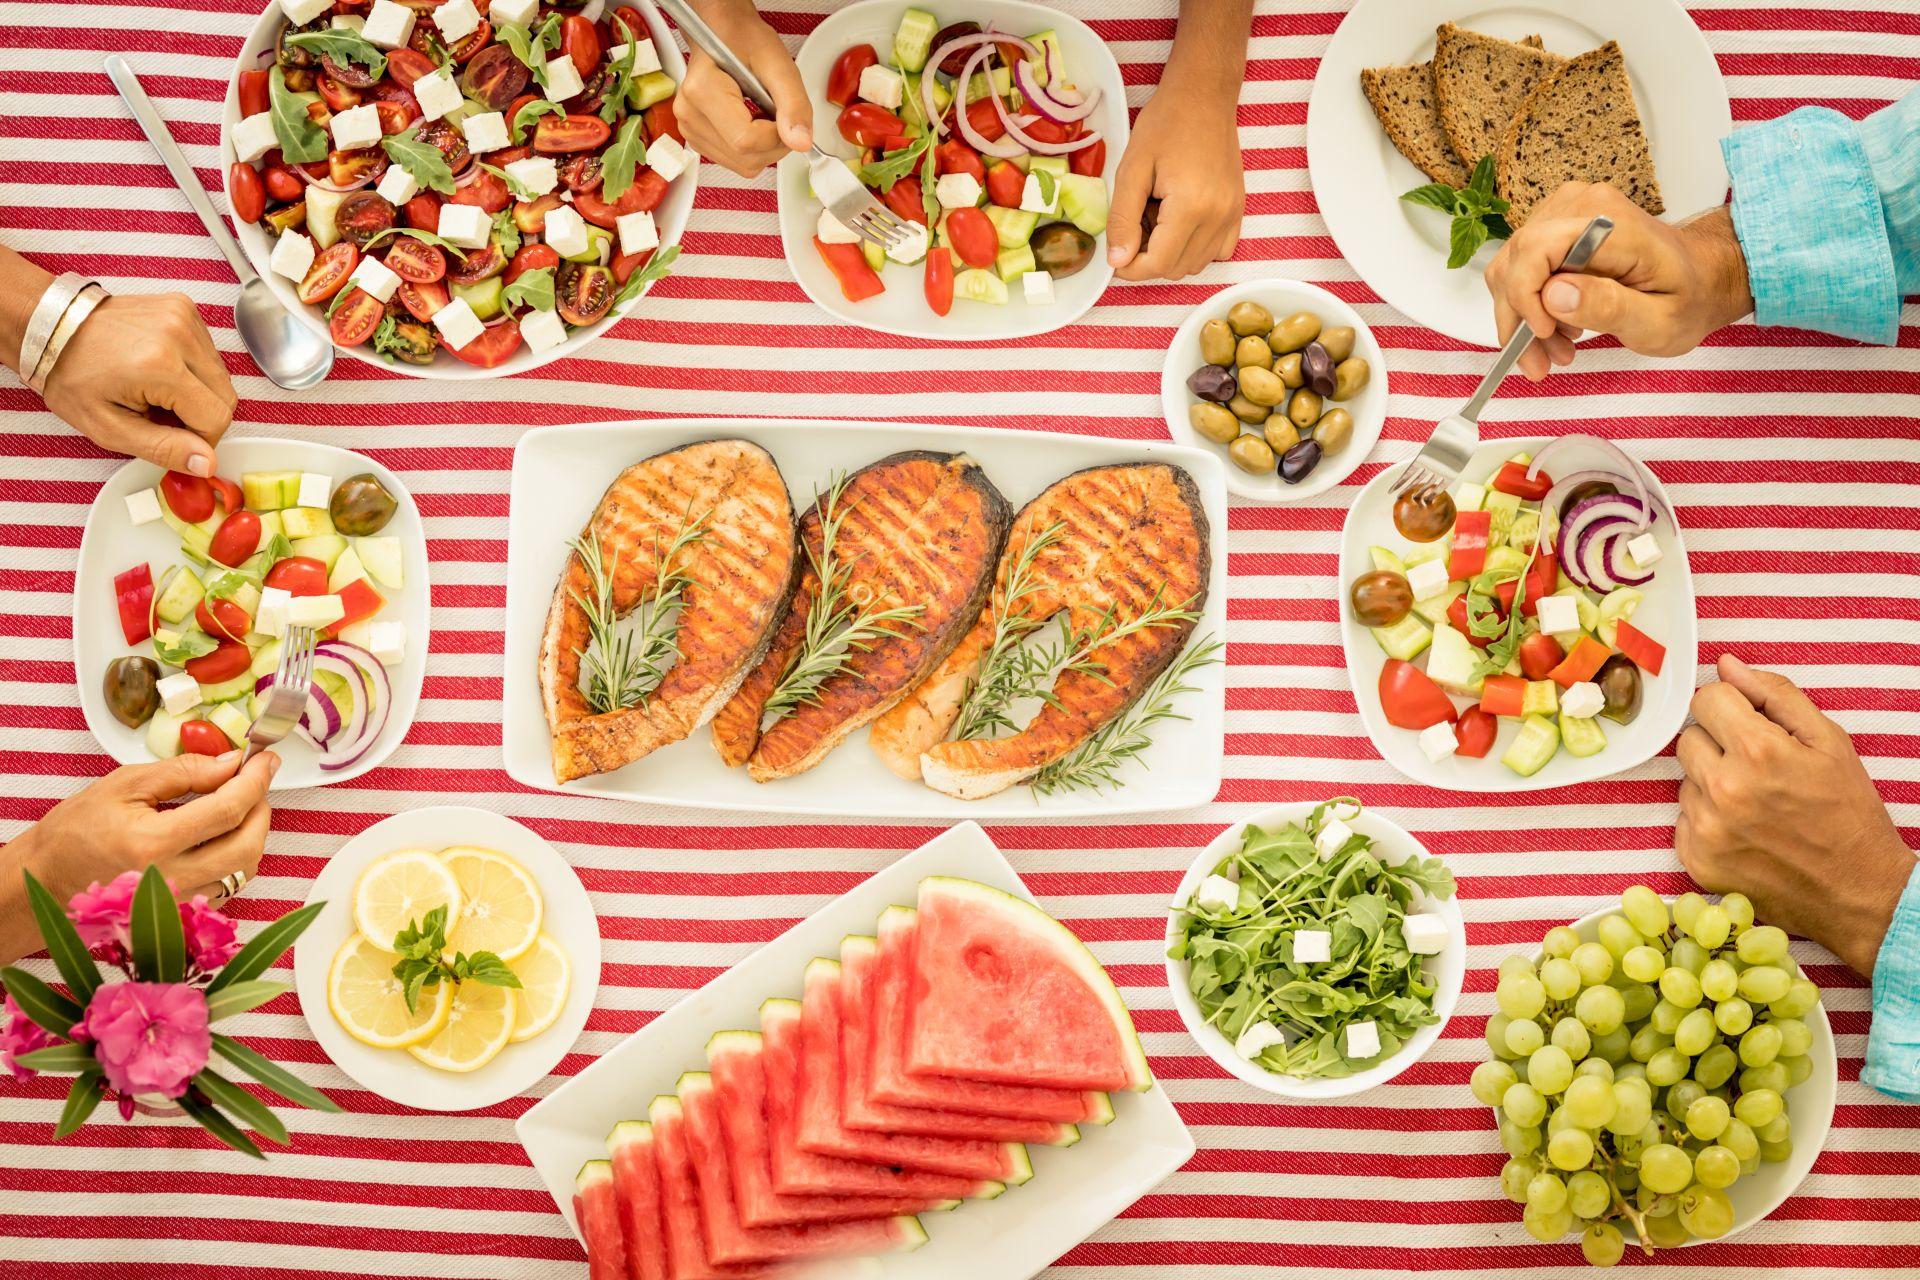 Dieta śródziemnomorska - przepisy zdrowe dla serca, zasady diety, jadłospis i zdrowe produkty wspomagające pracę serca i profilaktykę obniżania cholesterolu